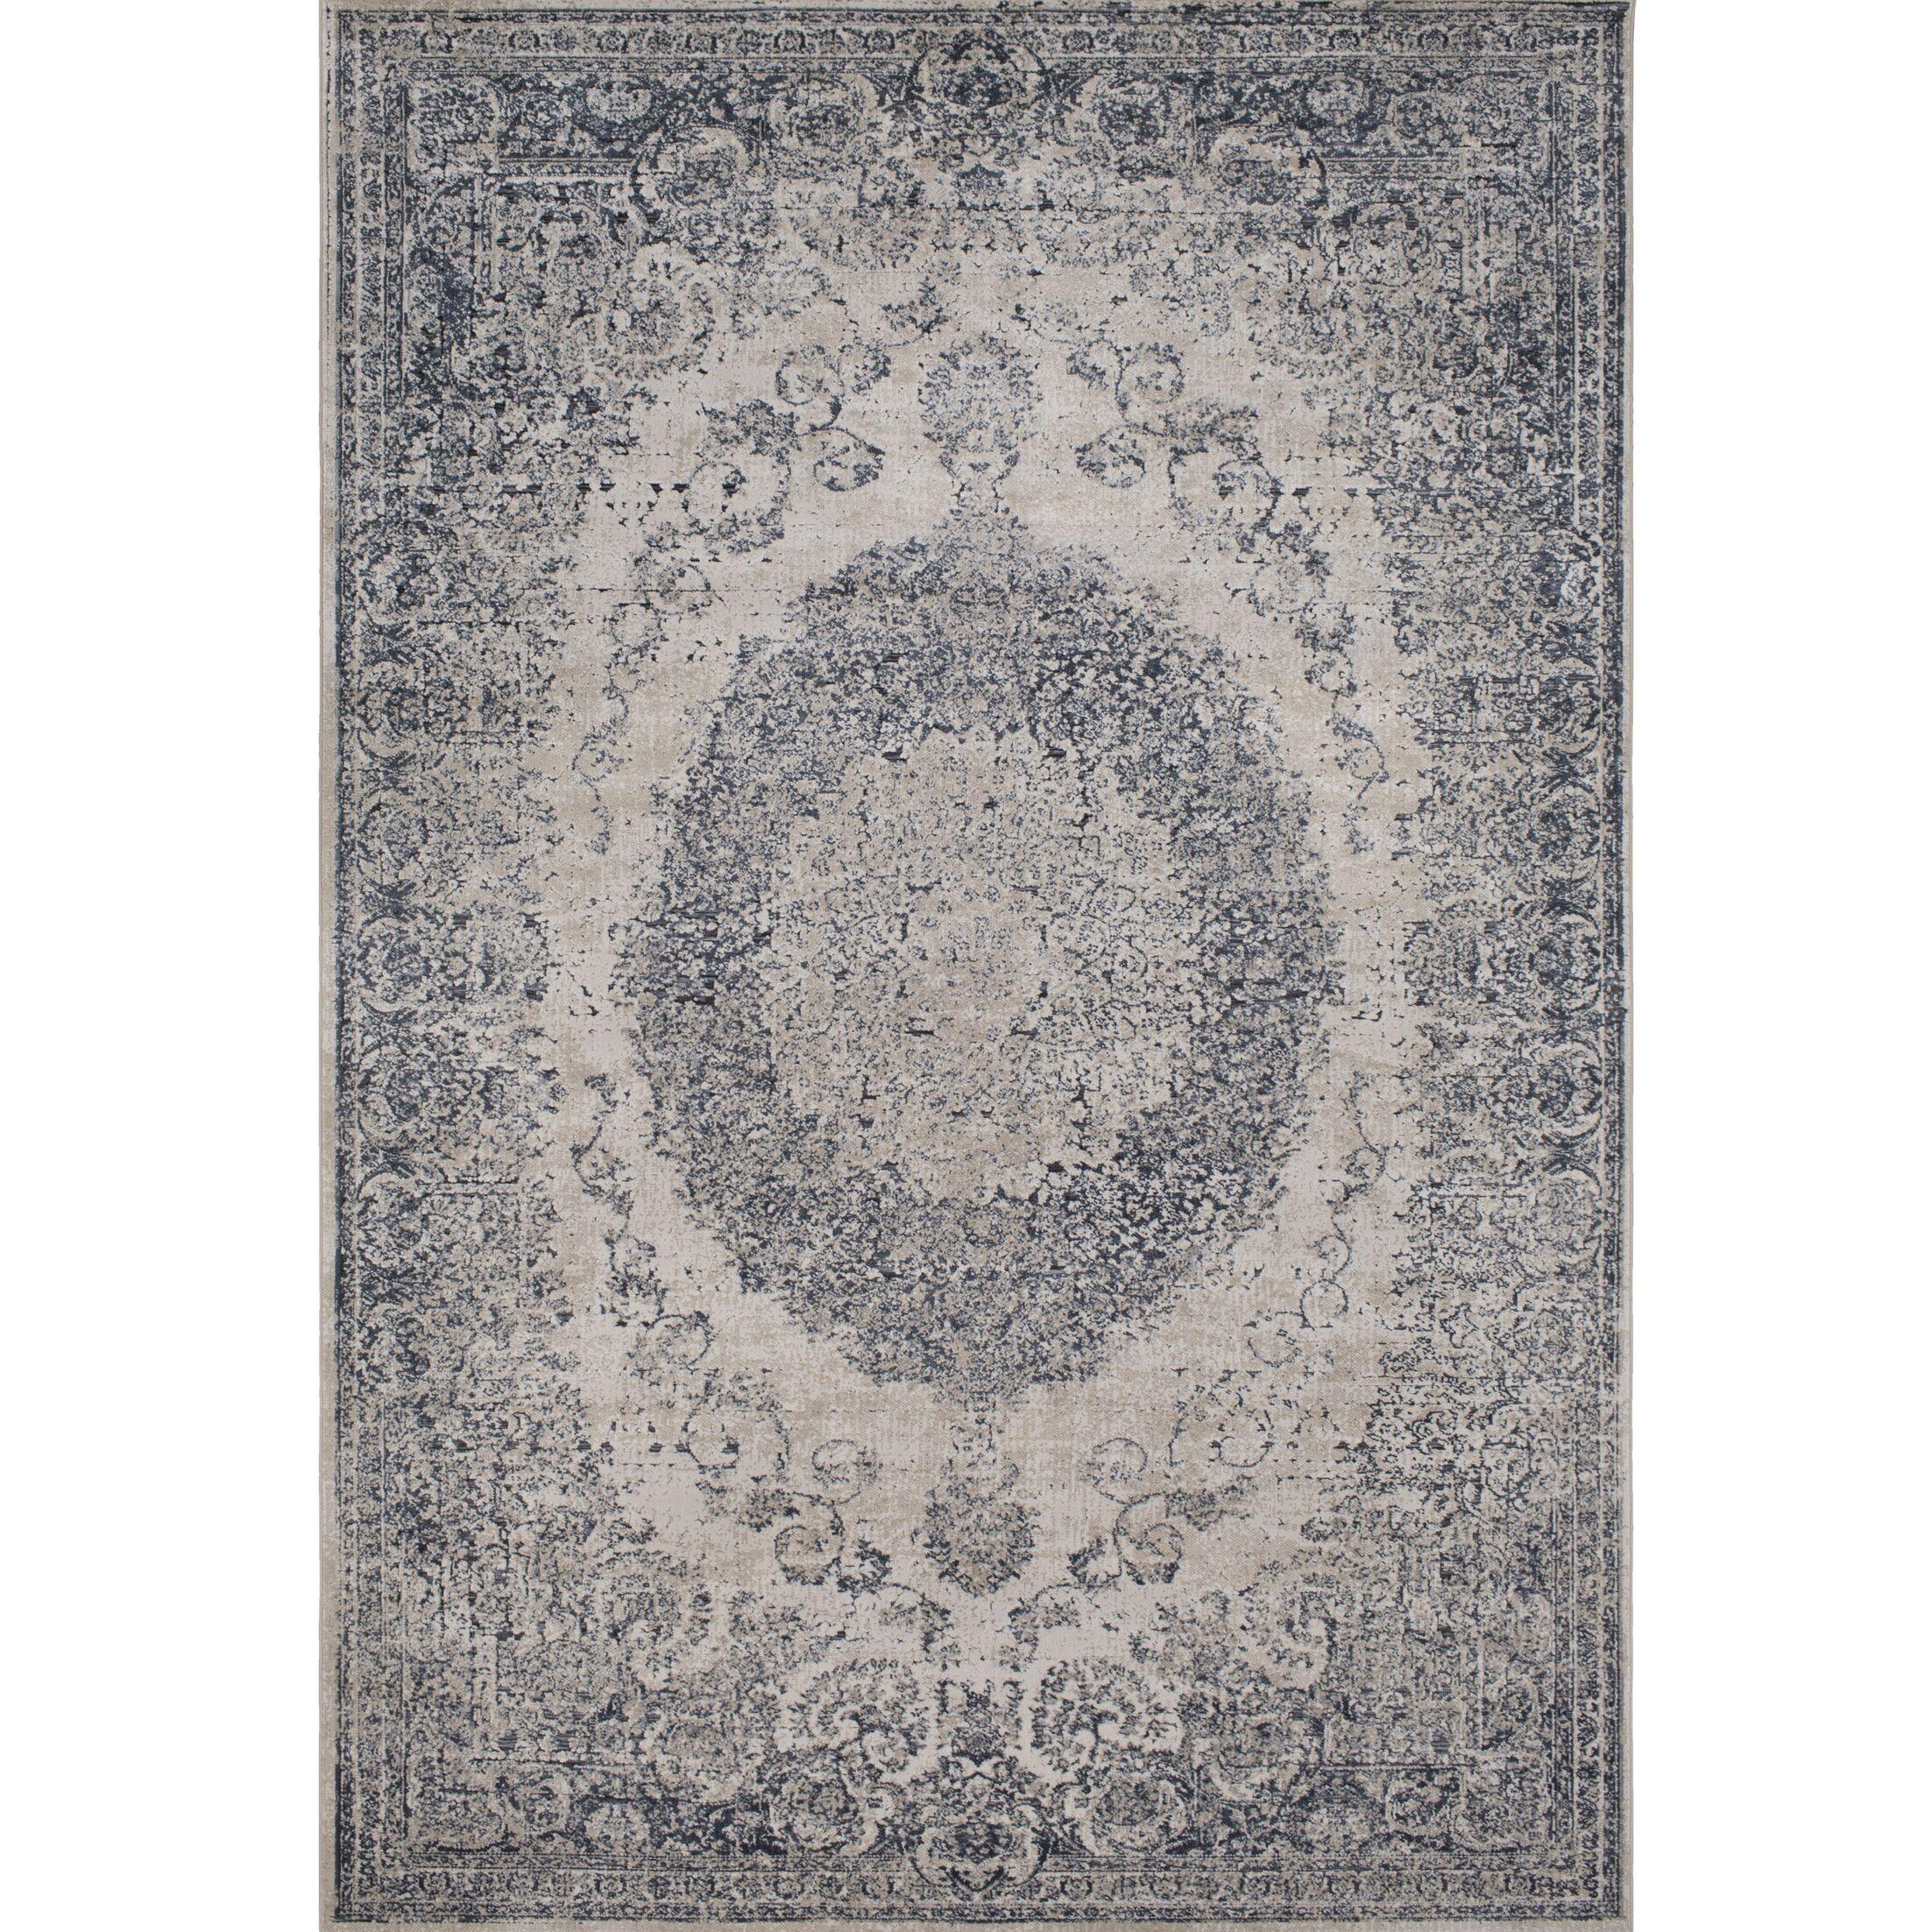 Hummell Traditional Tibetan Gray Area Rug Rug Size: Rectangle 6'7